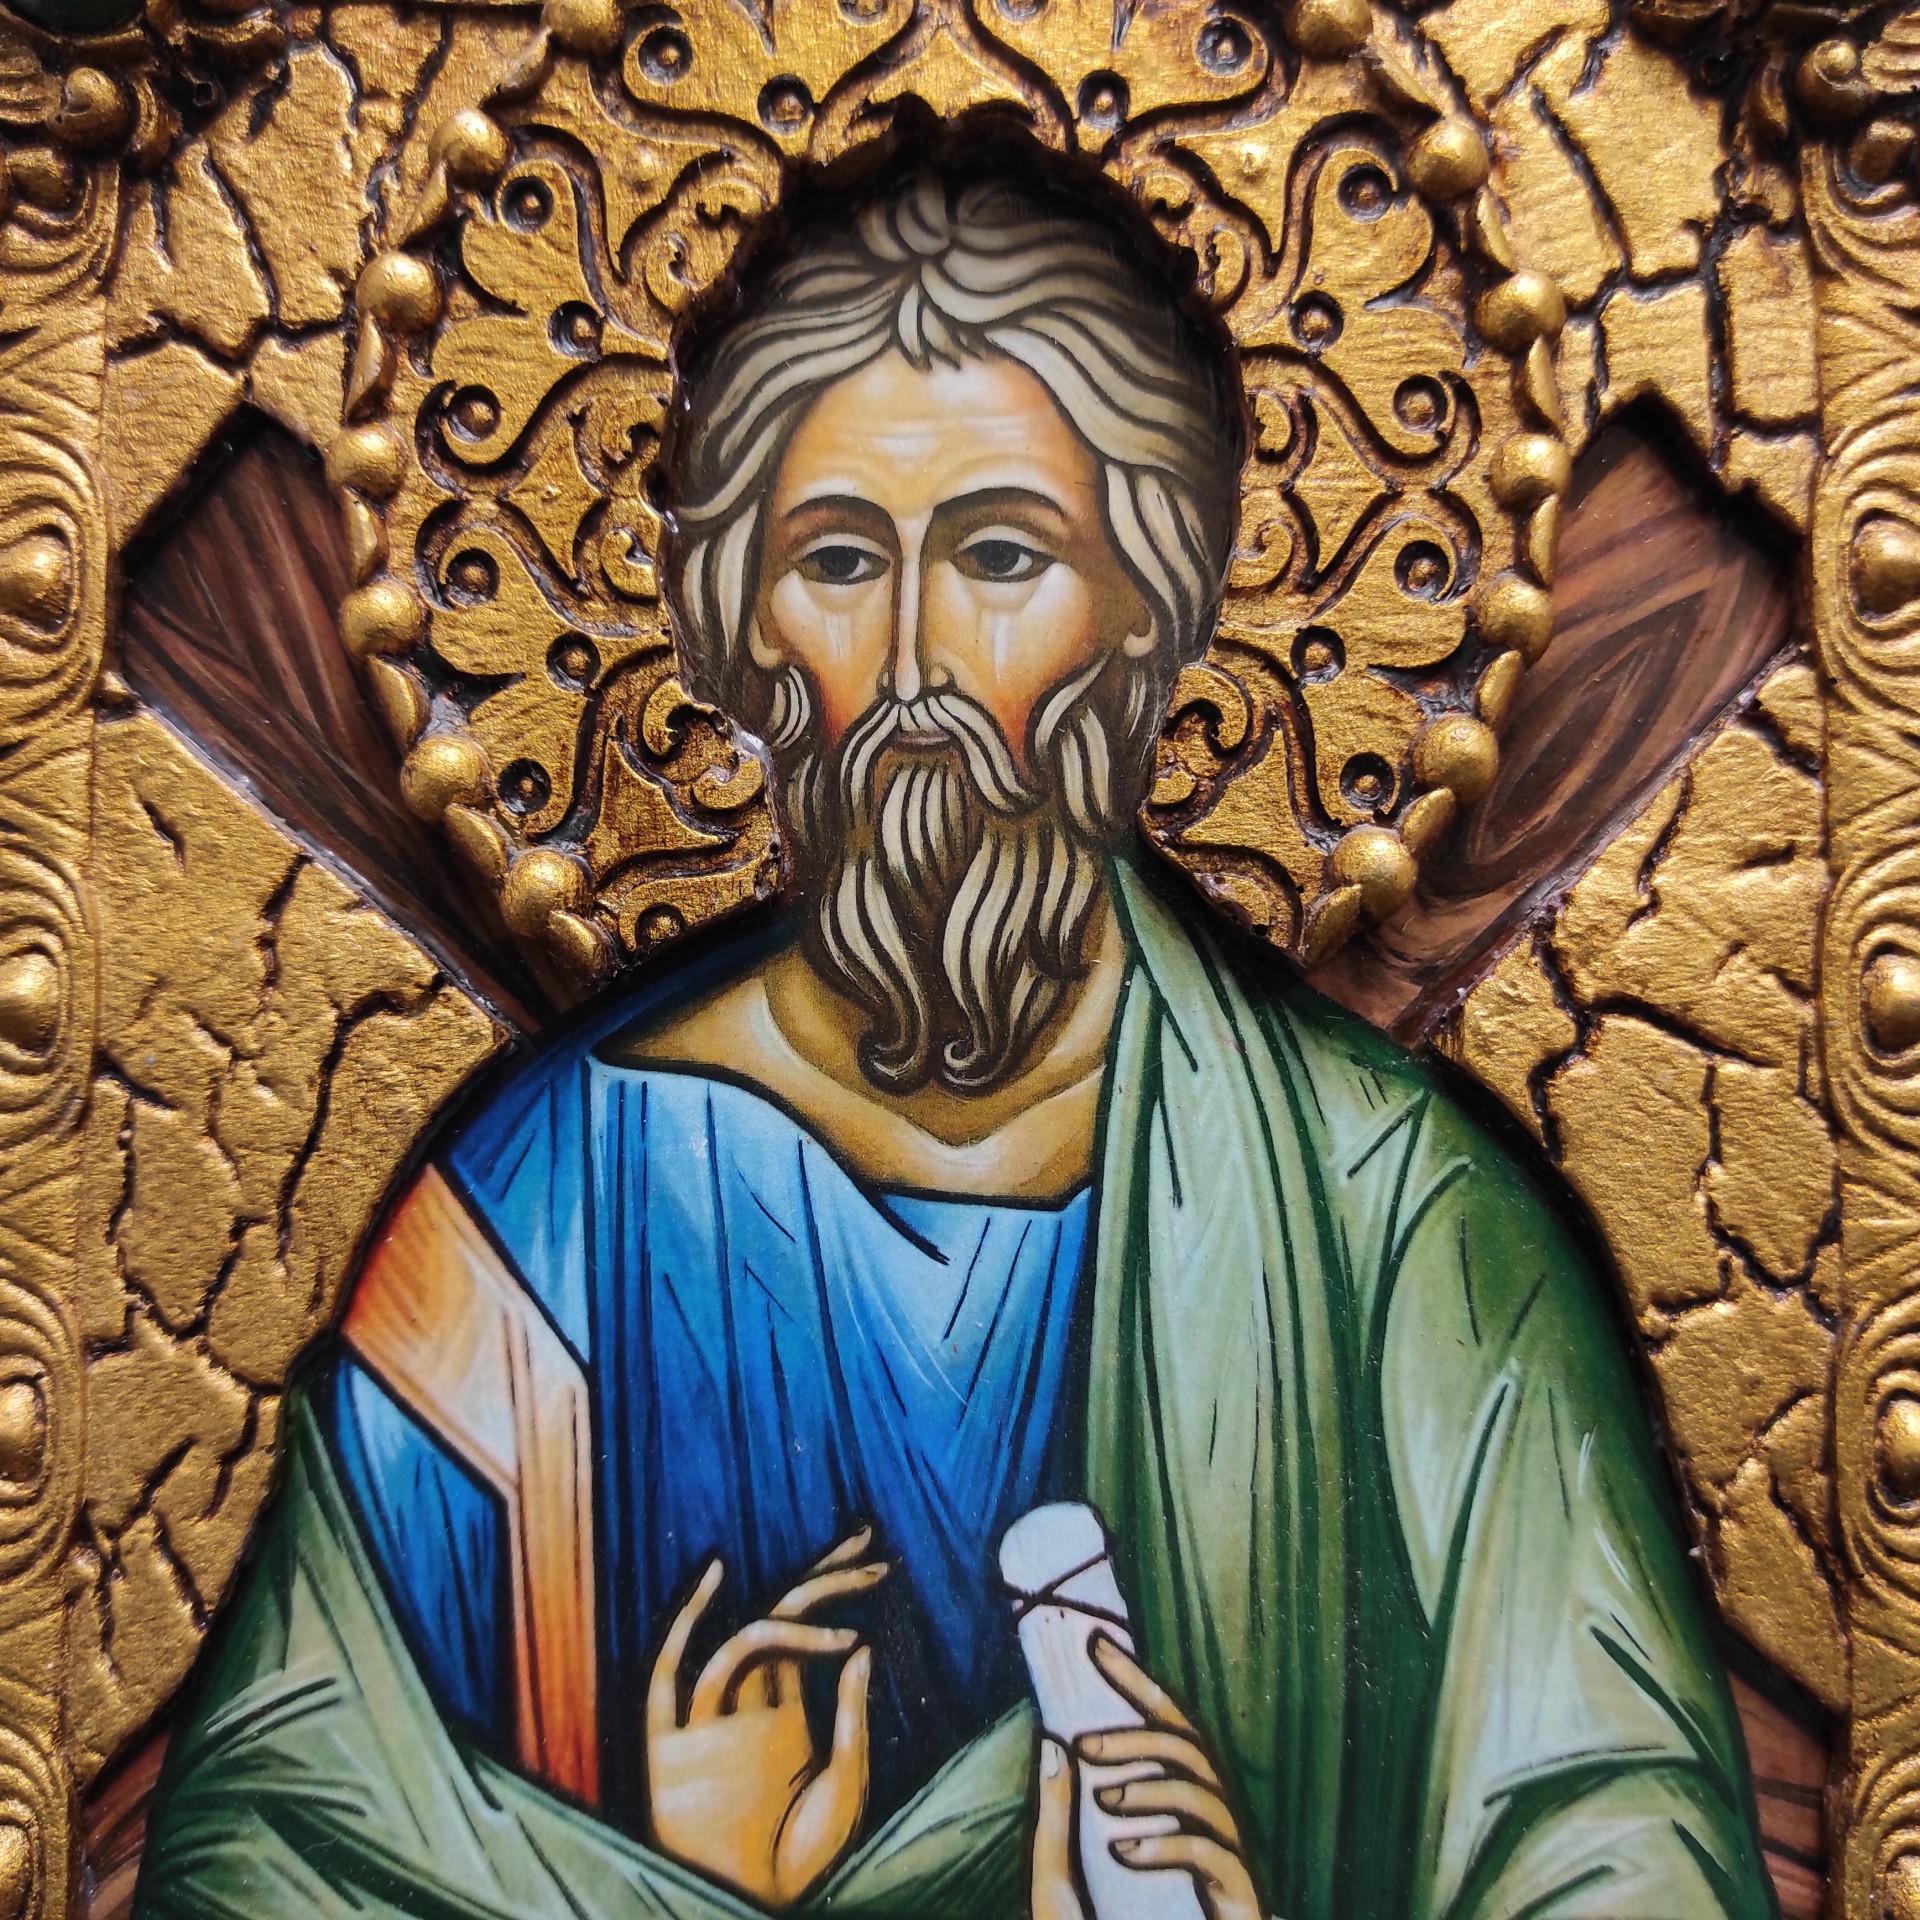 Фото лика именной иконы святого апостола Андрея Первозванного с камнями на подставке в футляре